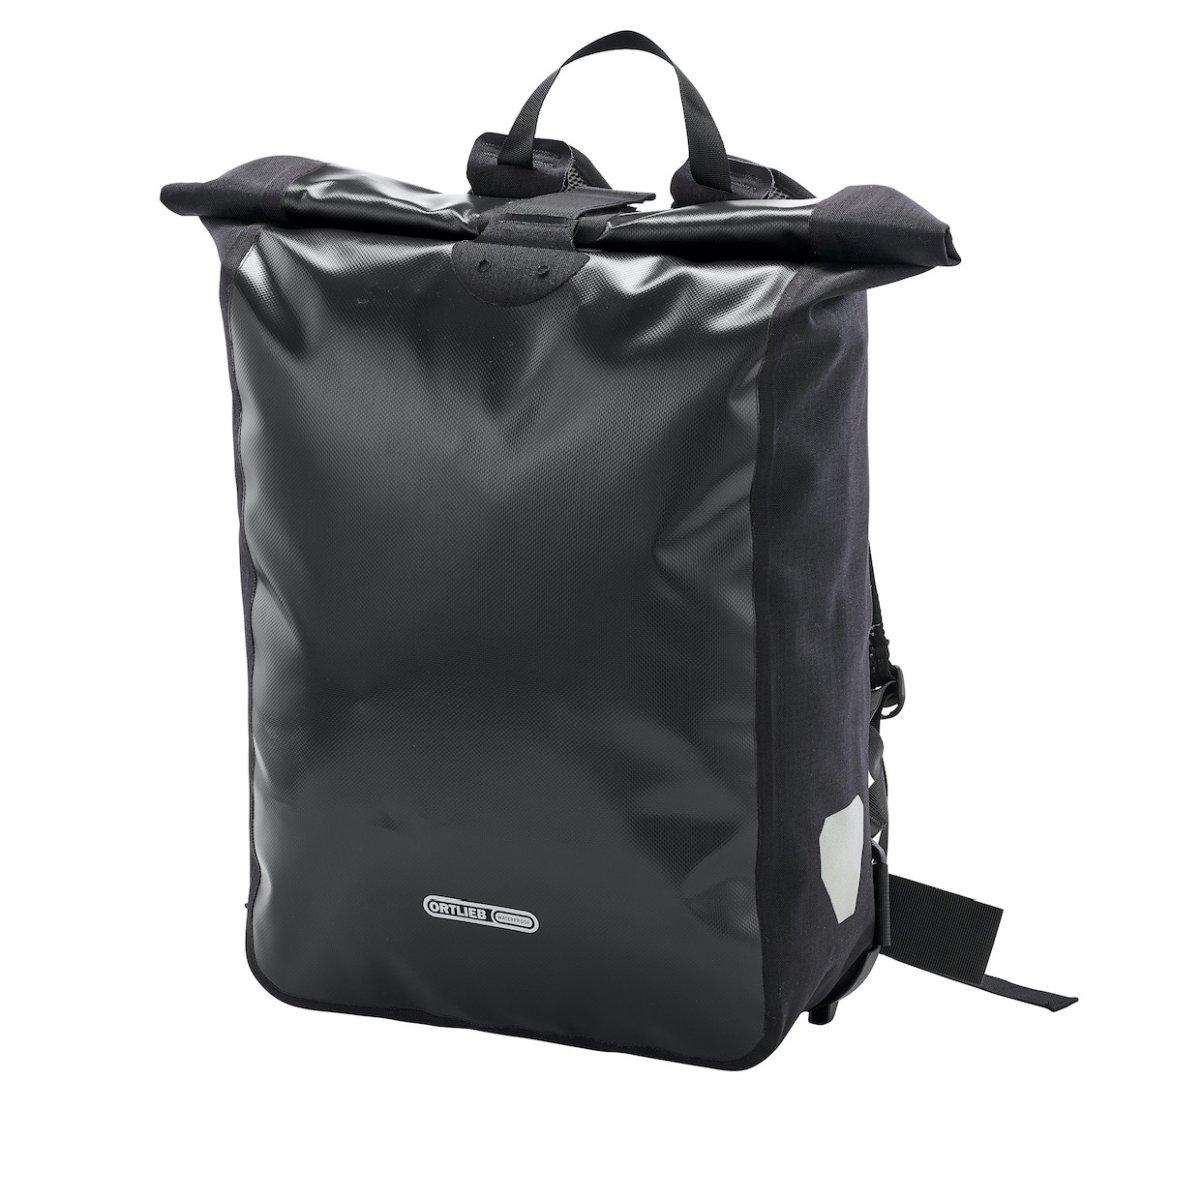 Ortlieb - Messenger-Bag, Kuriertasche